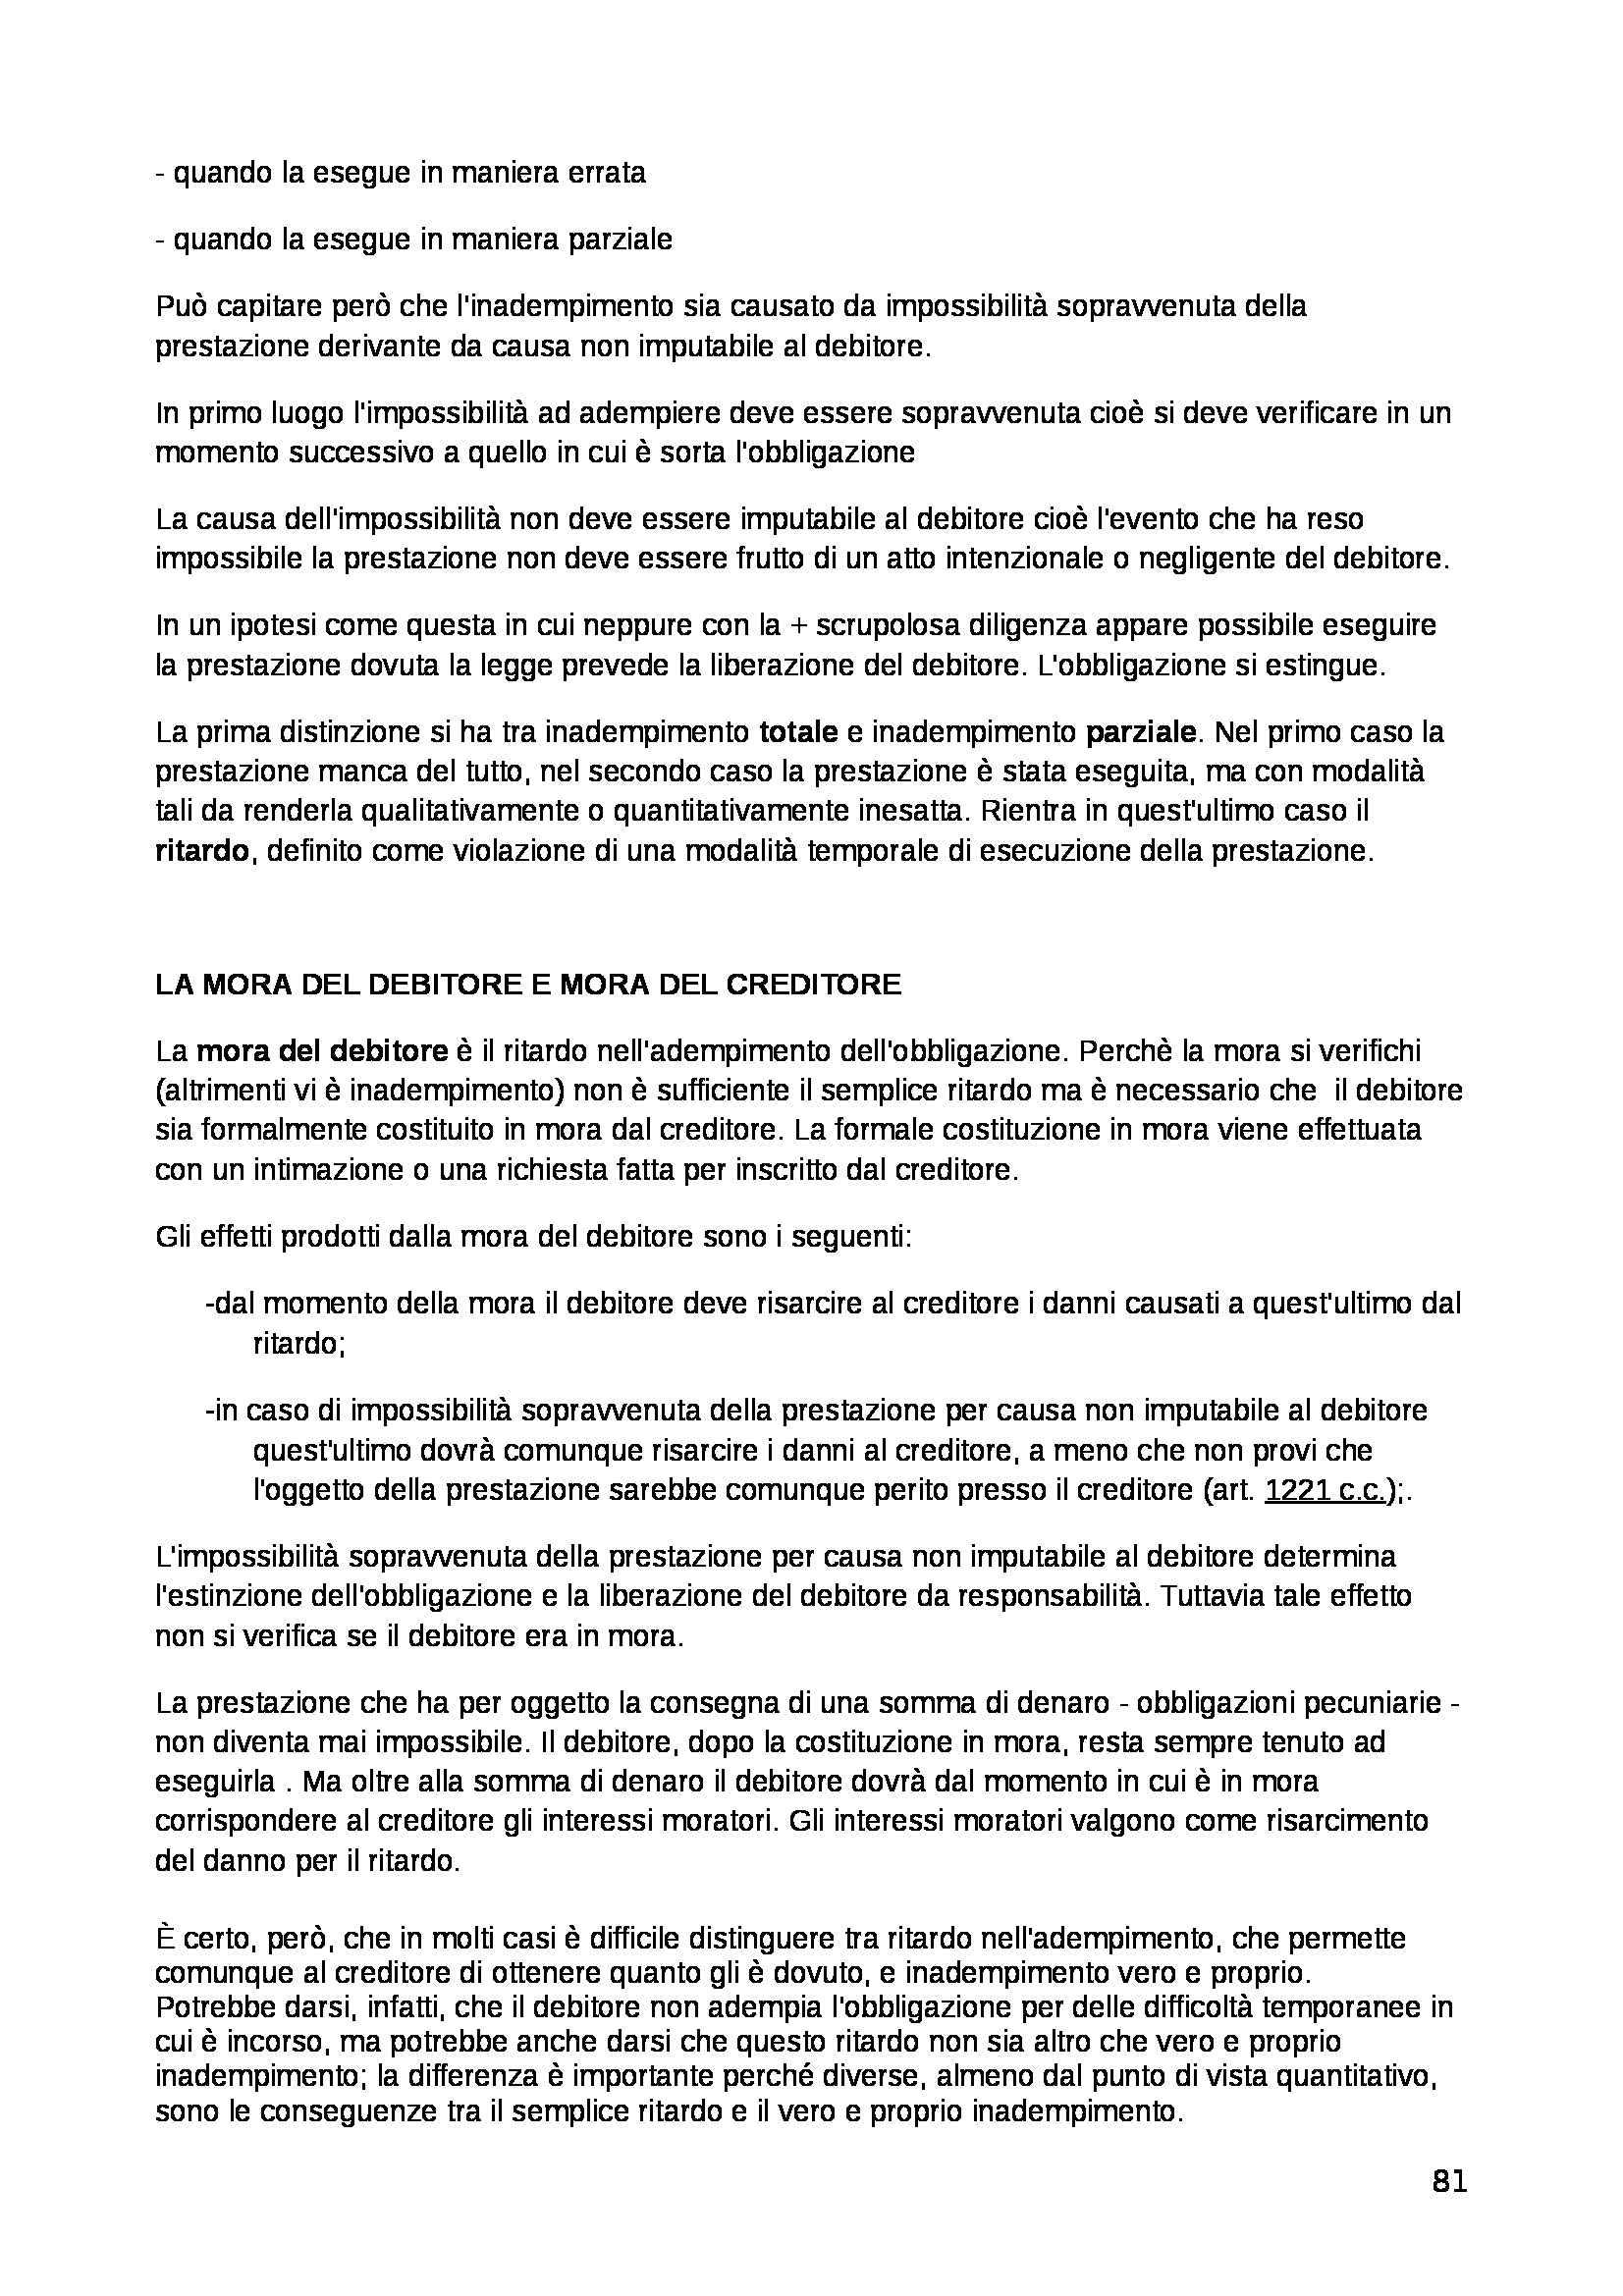 Diritto privato - Appunti Pag. 81